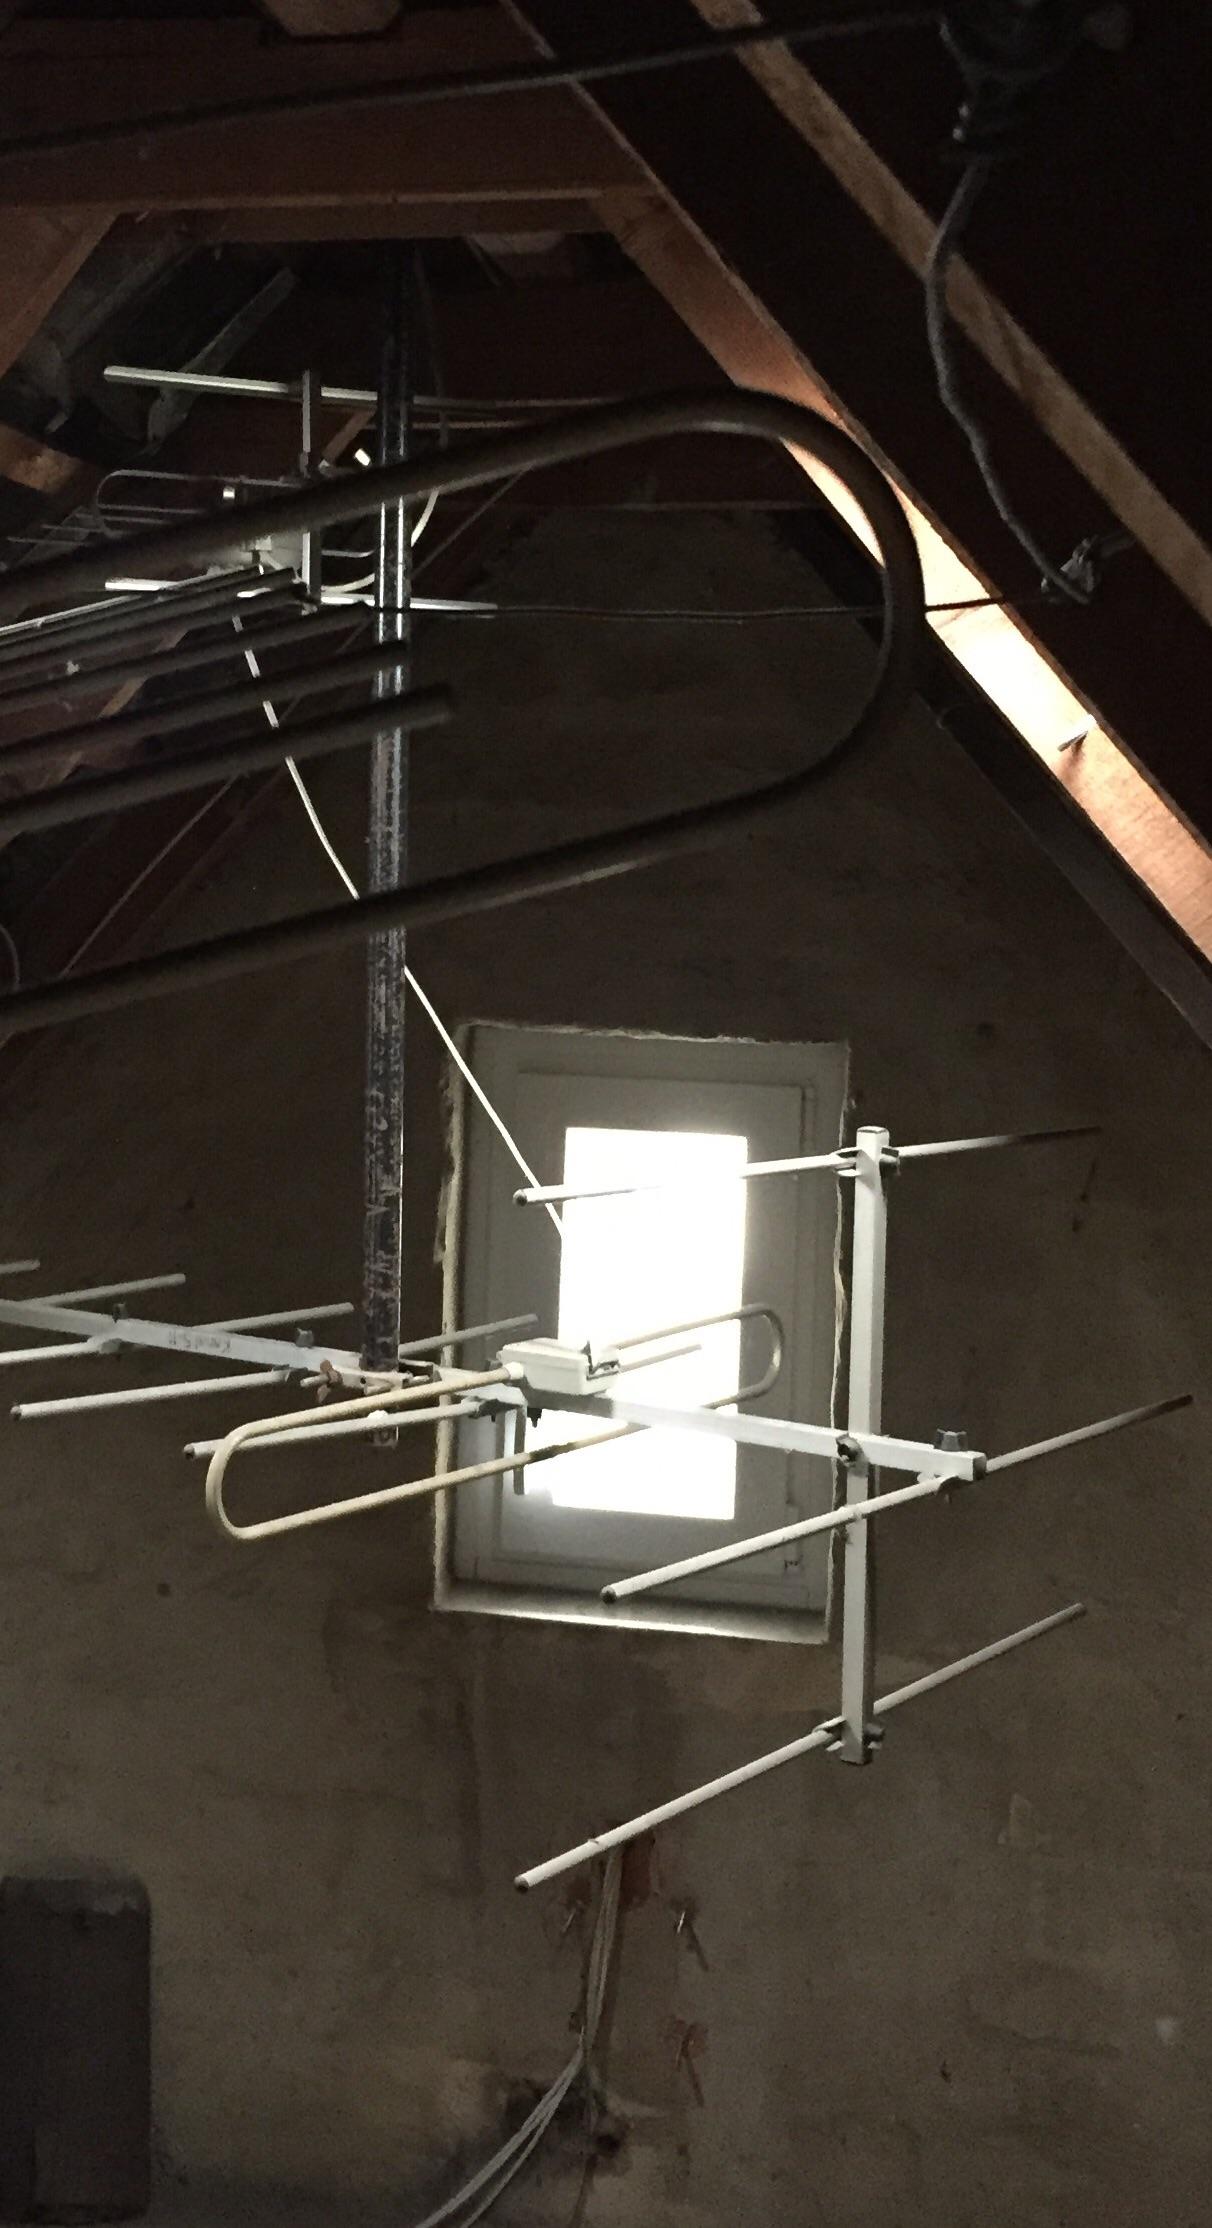 ist das ein blitzableiter oder eine alte antenne auf dem dachboden sanierung altes haus. Black Bedroom Furniture Sets. Home Design Ideas